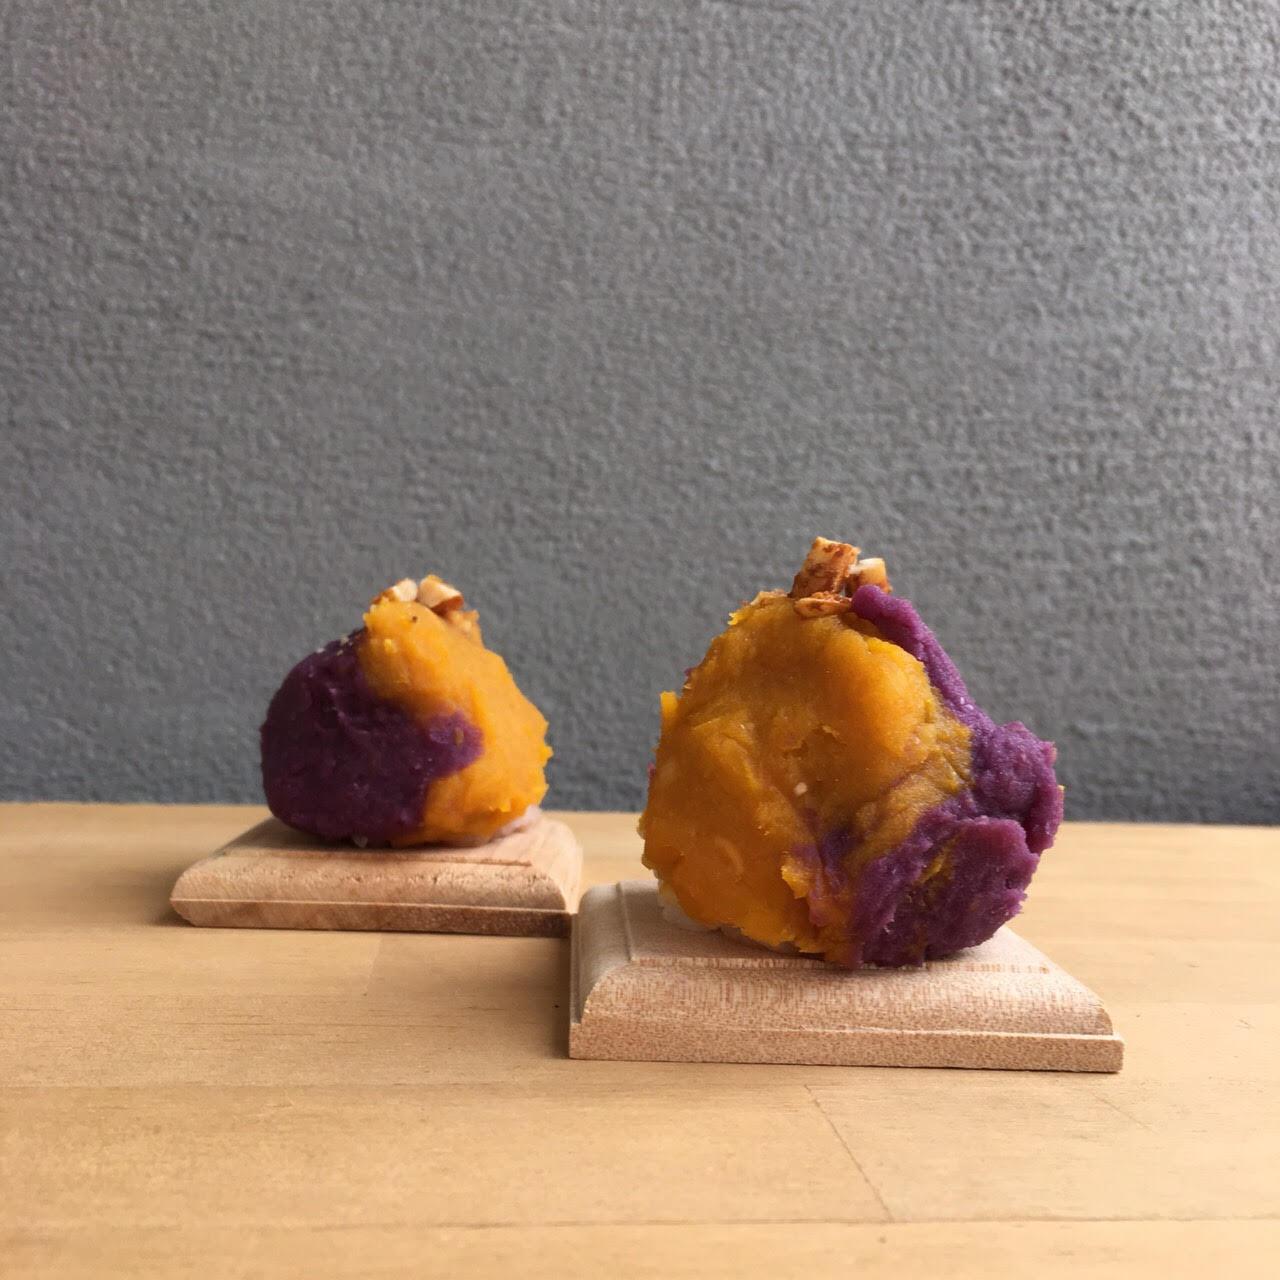 かぼちゃおはぎ1